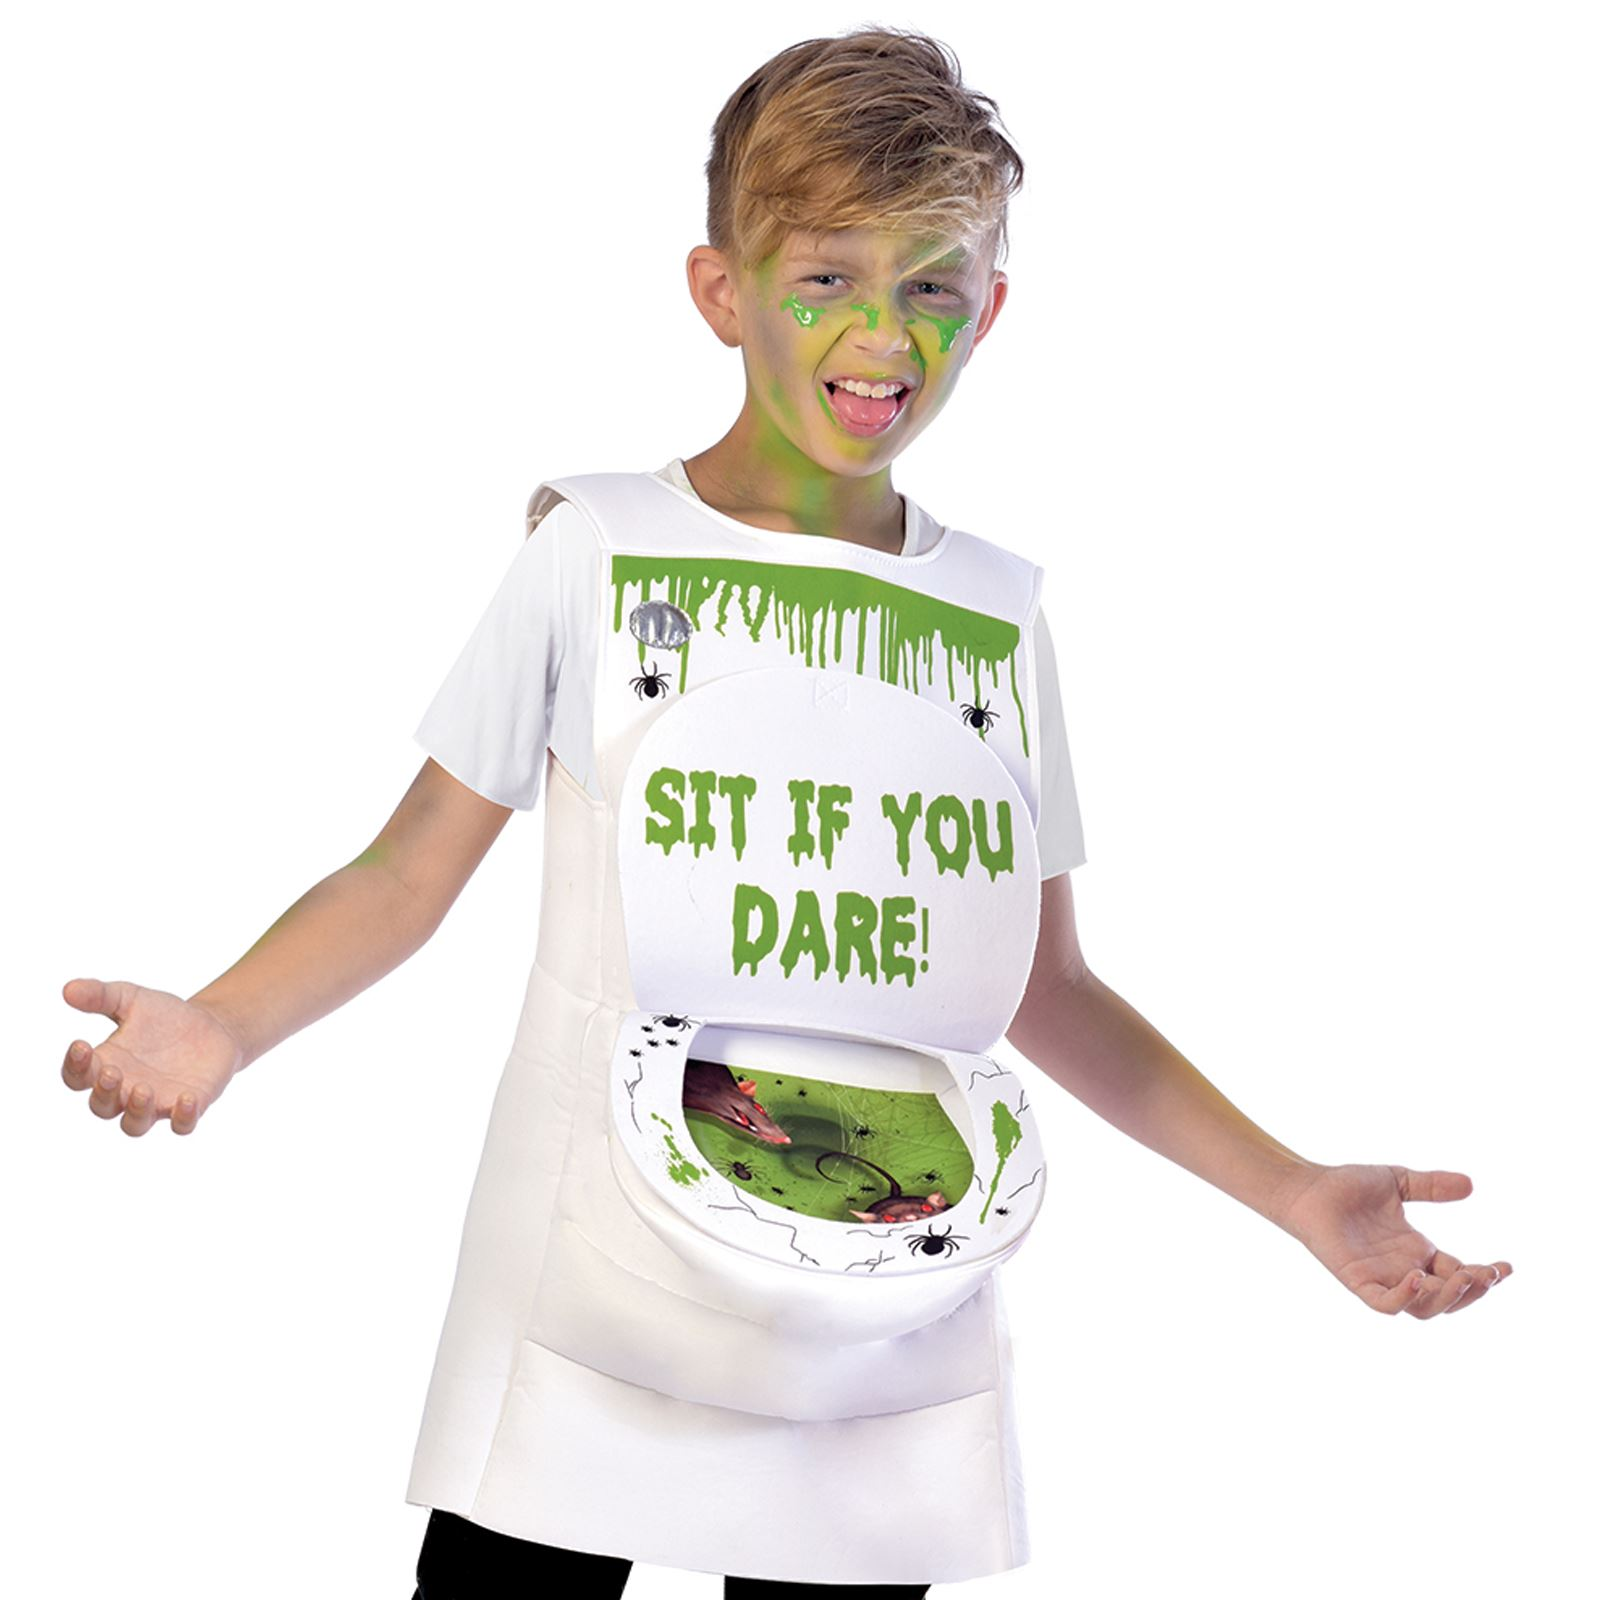 Bambini Ragazzi Ragazze Novità viscido igienica Loo Sewer Ratto Slime Costume Di Halloween